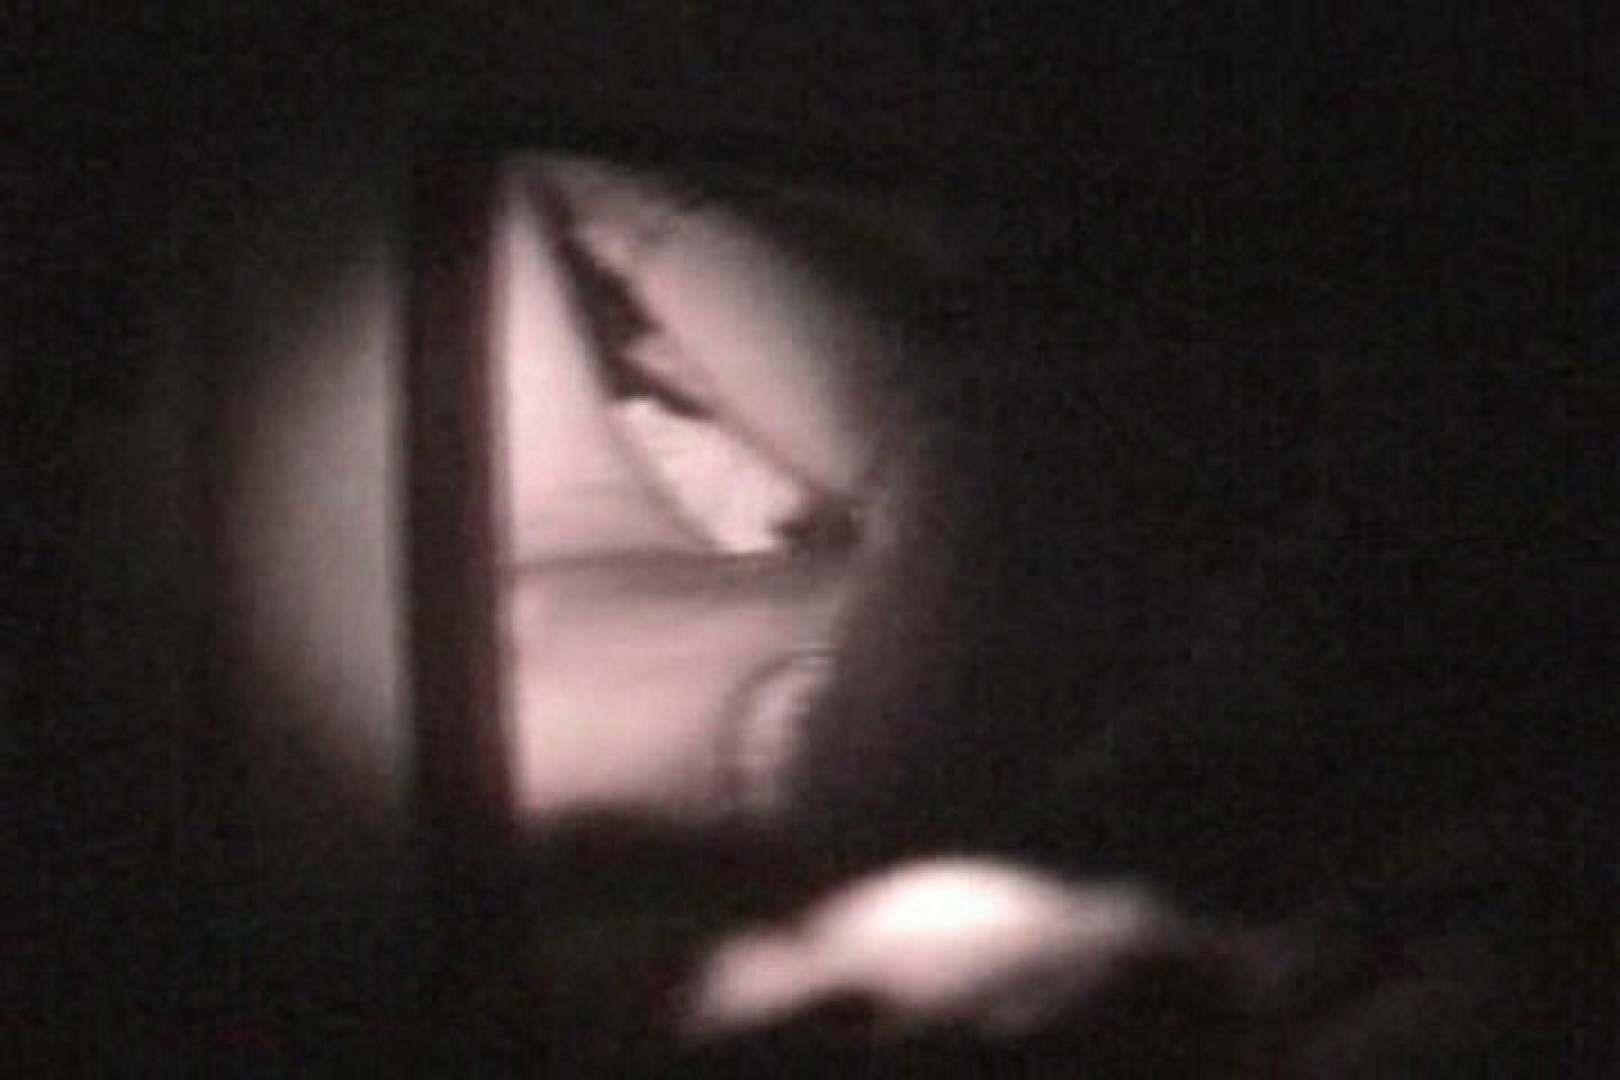 蔵出し!!赤外線カーセックスVol.22 OLエロ画像 盗撮われめAV動画紹介 83PICs 2